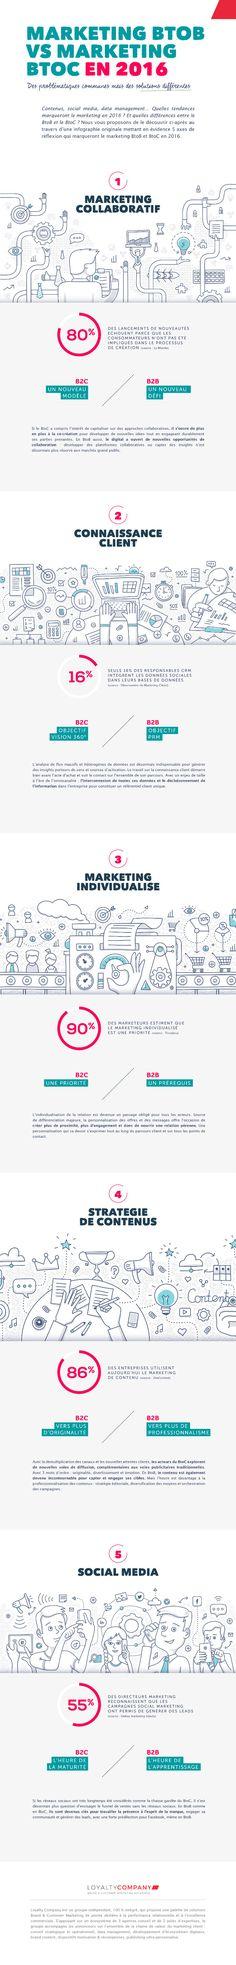 Contenus, social media, data management... Quelles tendances marqueront le marketing en 2016 ? Et quelles différences entre le BtoB et le BtoC ? Cette info